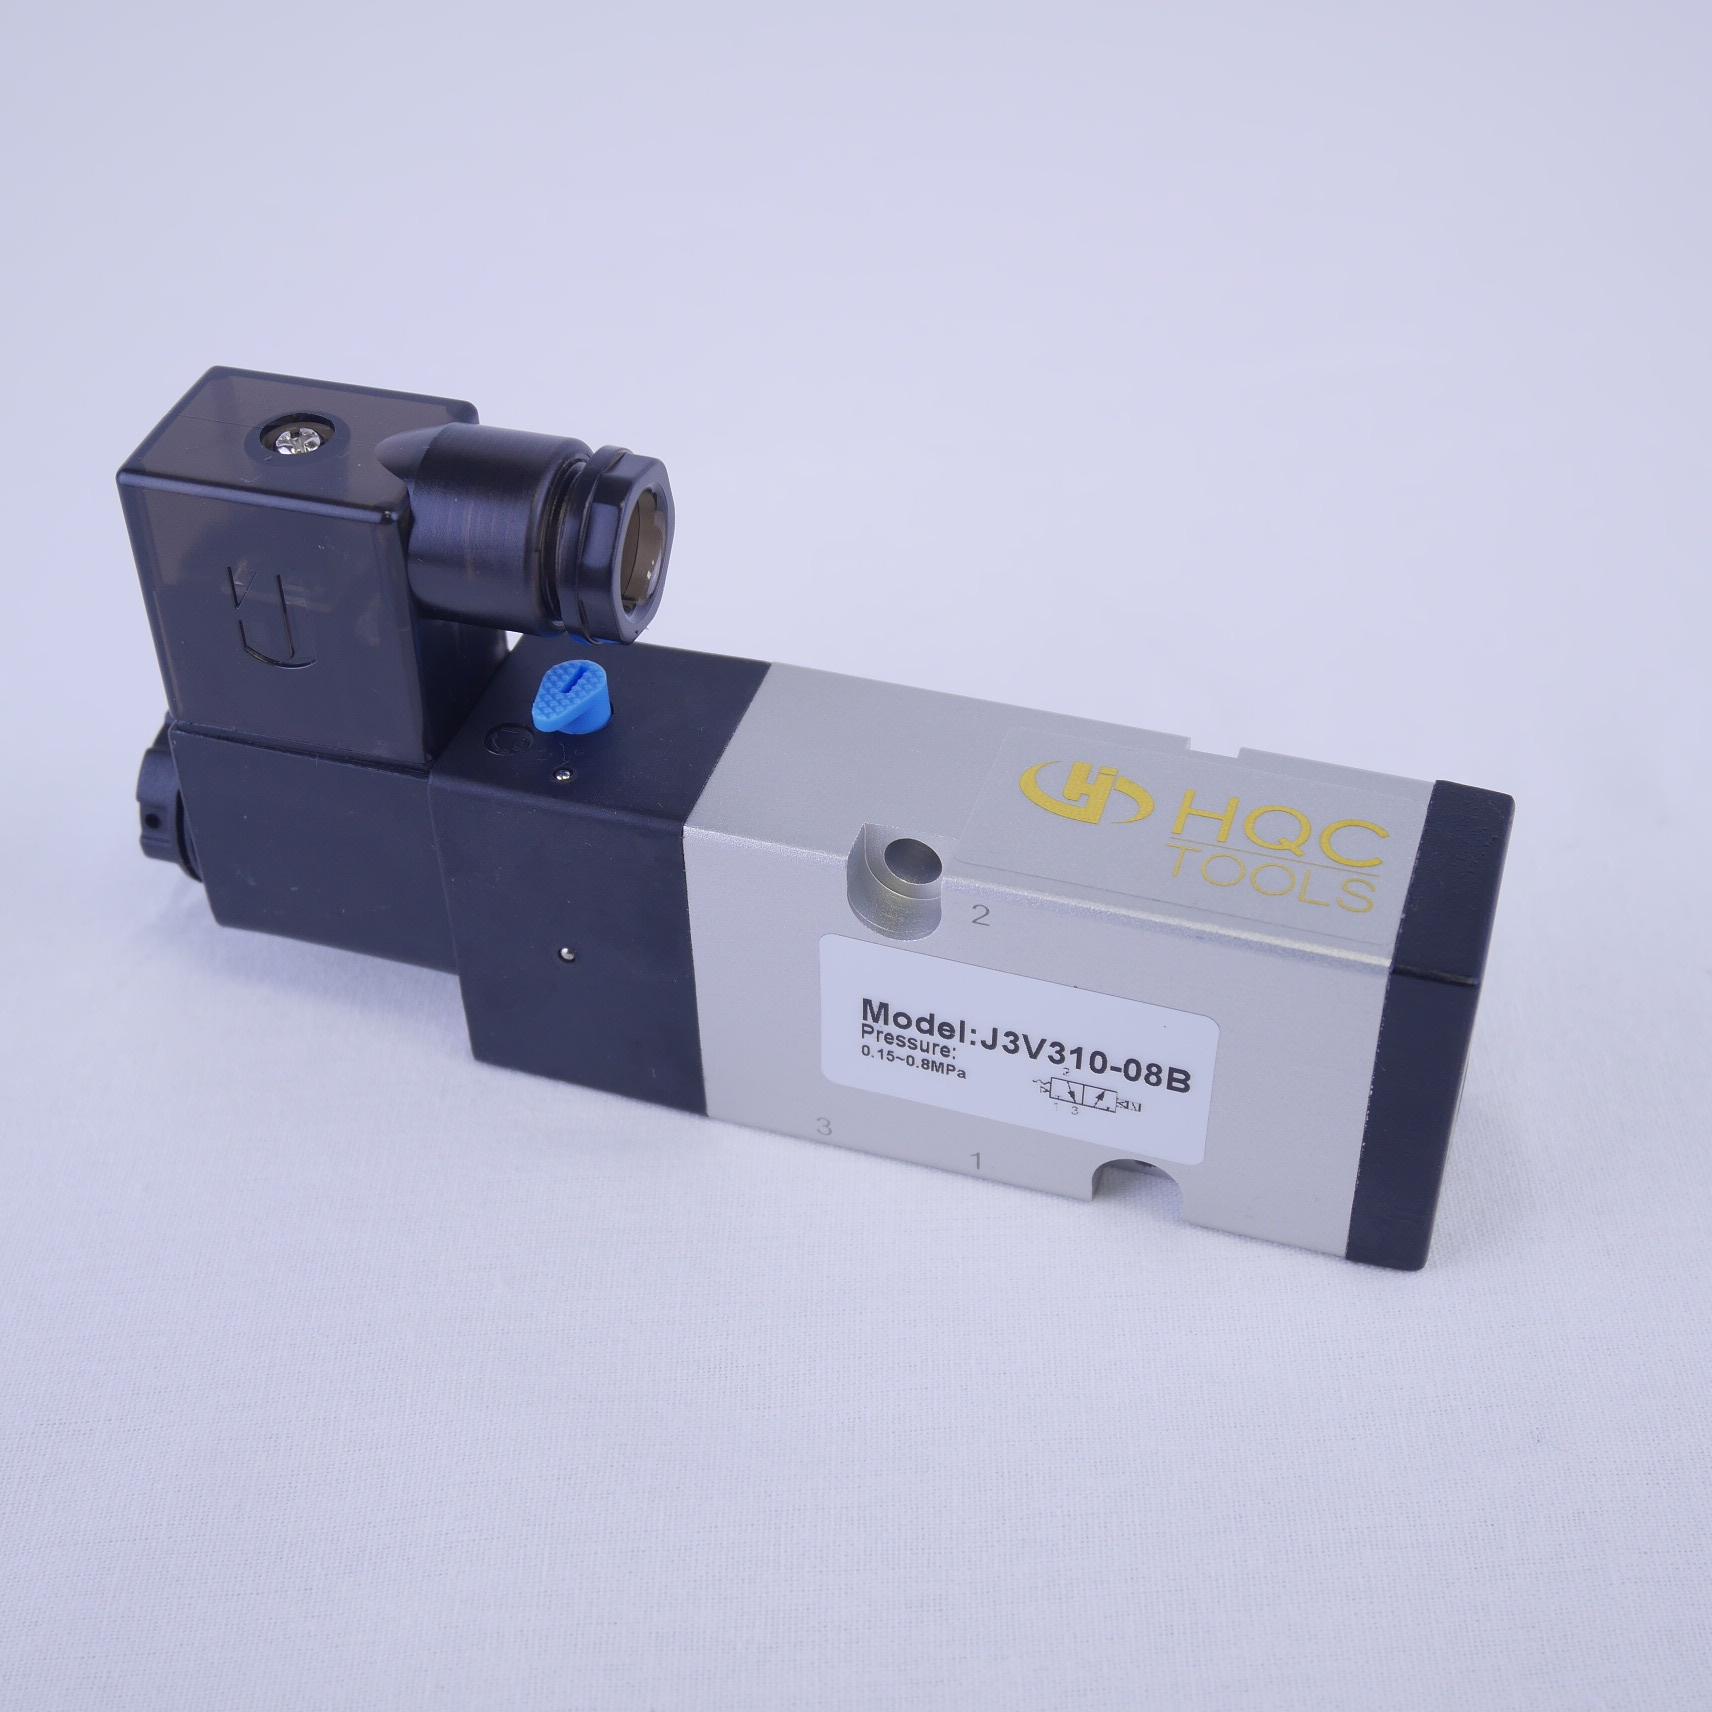 hight resolution of 3 2 way solenoid valve 1 4 npt ports 3v310 08b